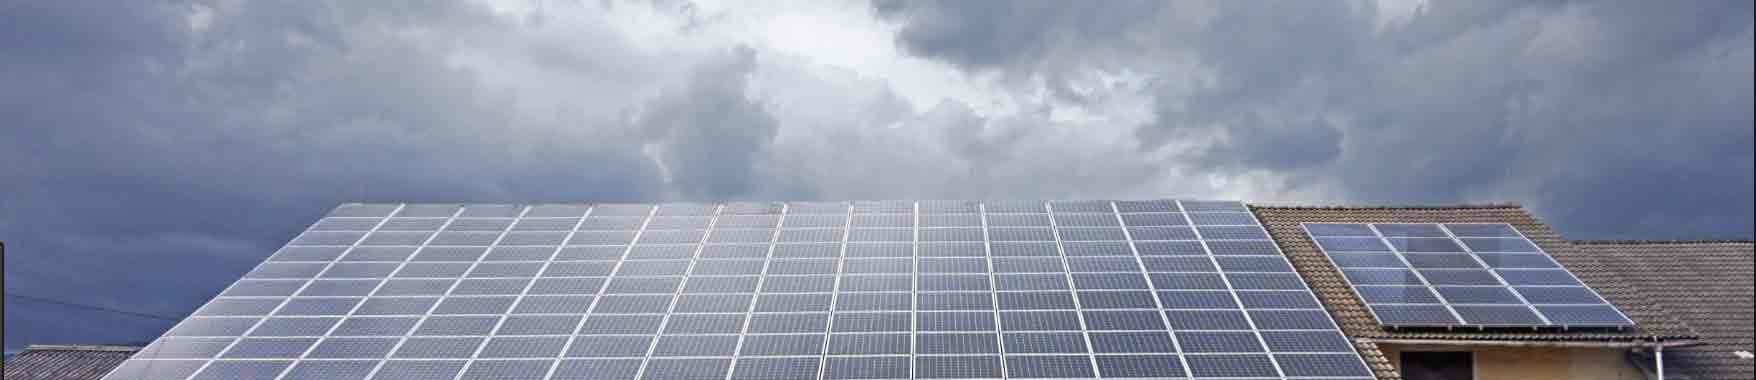 Votre assurance habitation peut financer les réparation de votre installation photovoltaïque